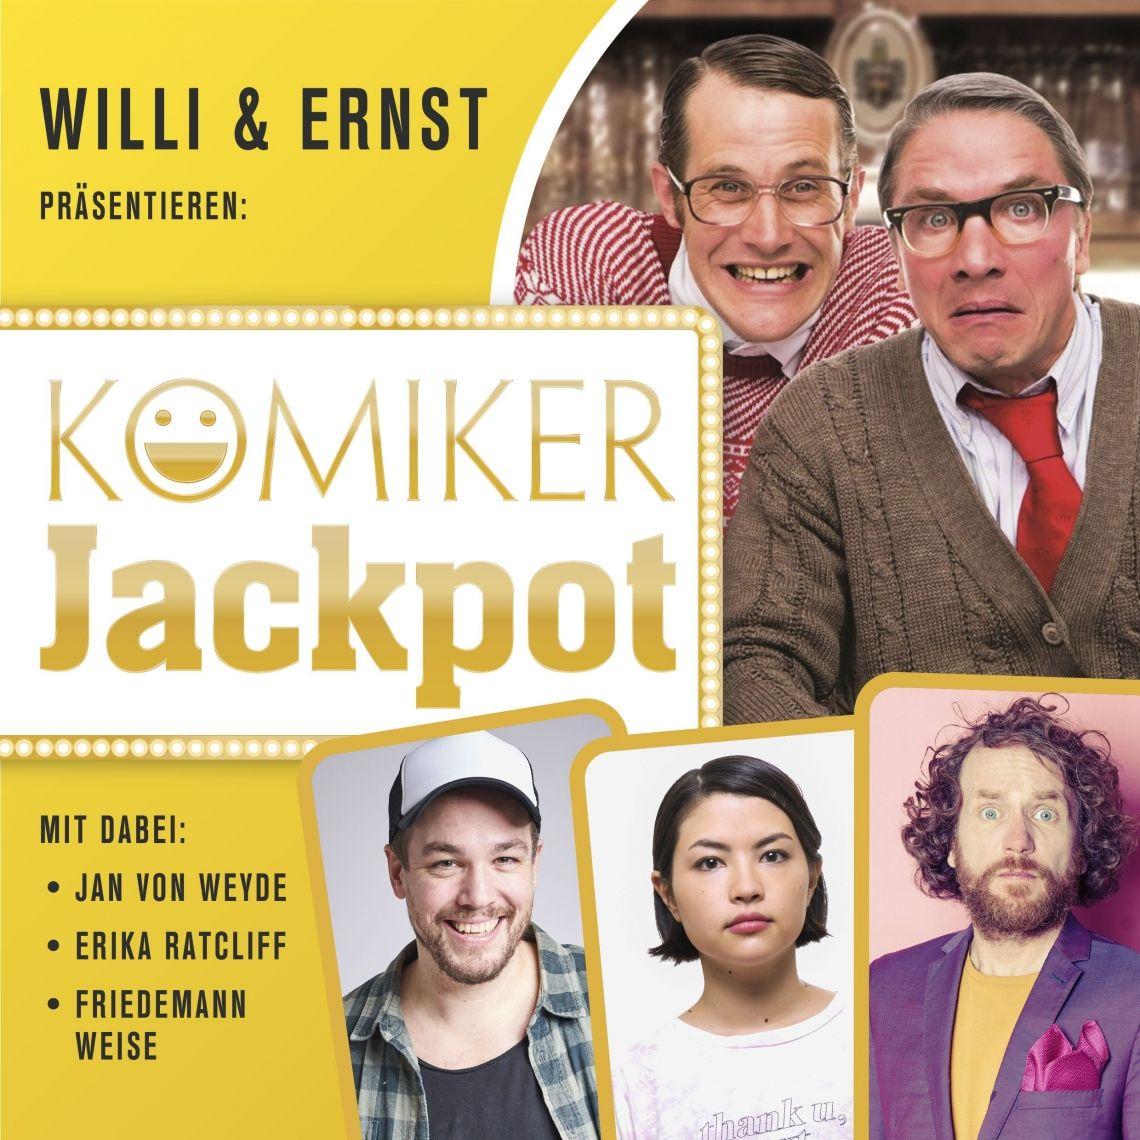 Willi & Ernst präsentieren den Komiker Jackpot: OpenAir auf der Sparkassenbühne